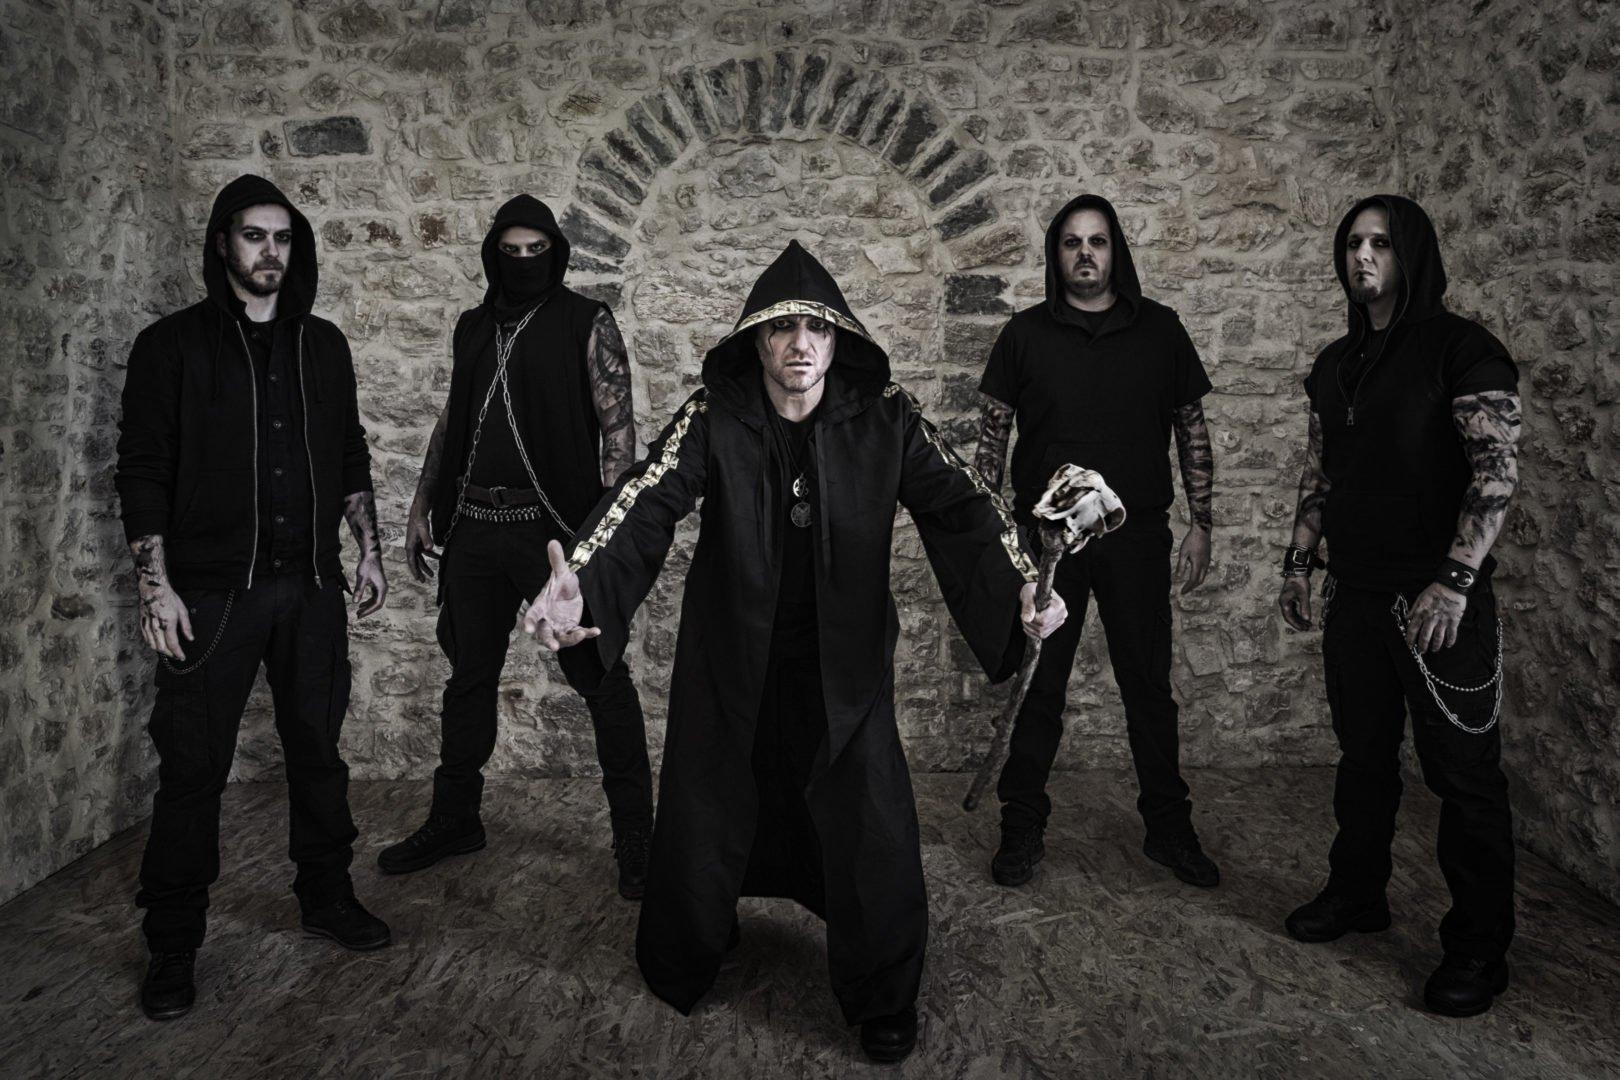 Δείτε το επίσημο βίντεο των VARATHRON για το τραγούδι «Son Of The Moon», μέσα από το επερχόμενο live άλμπουμ τους!